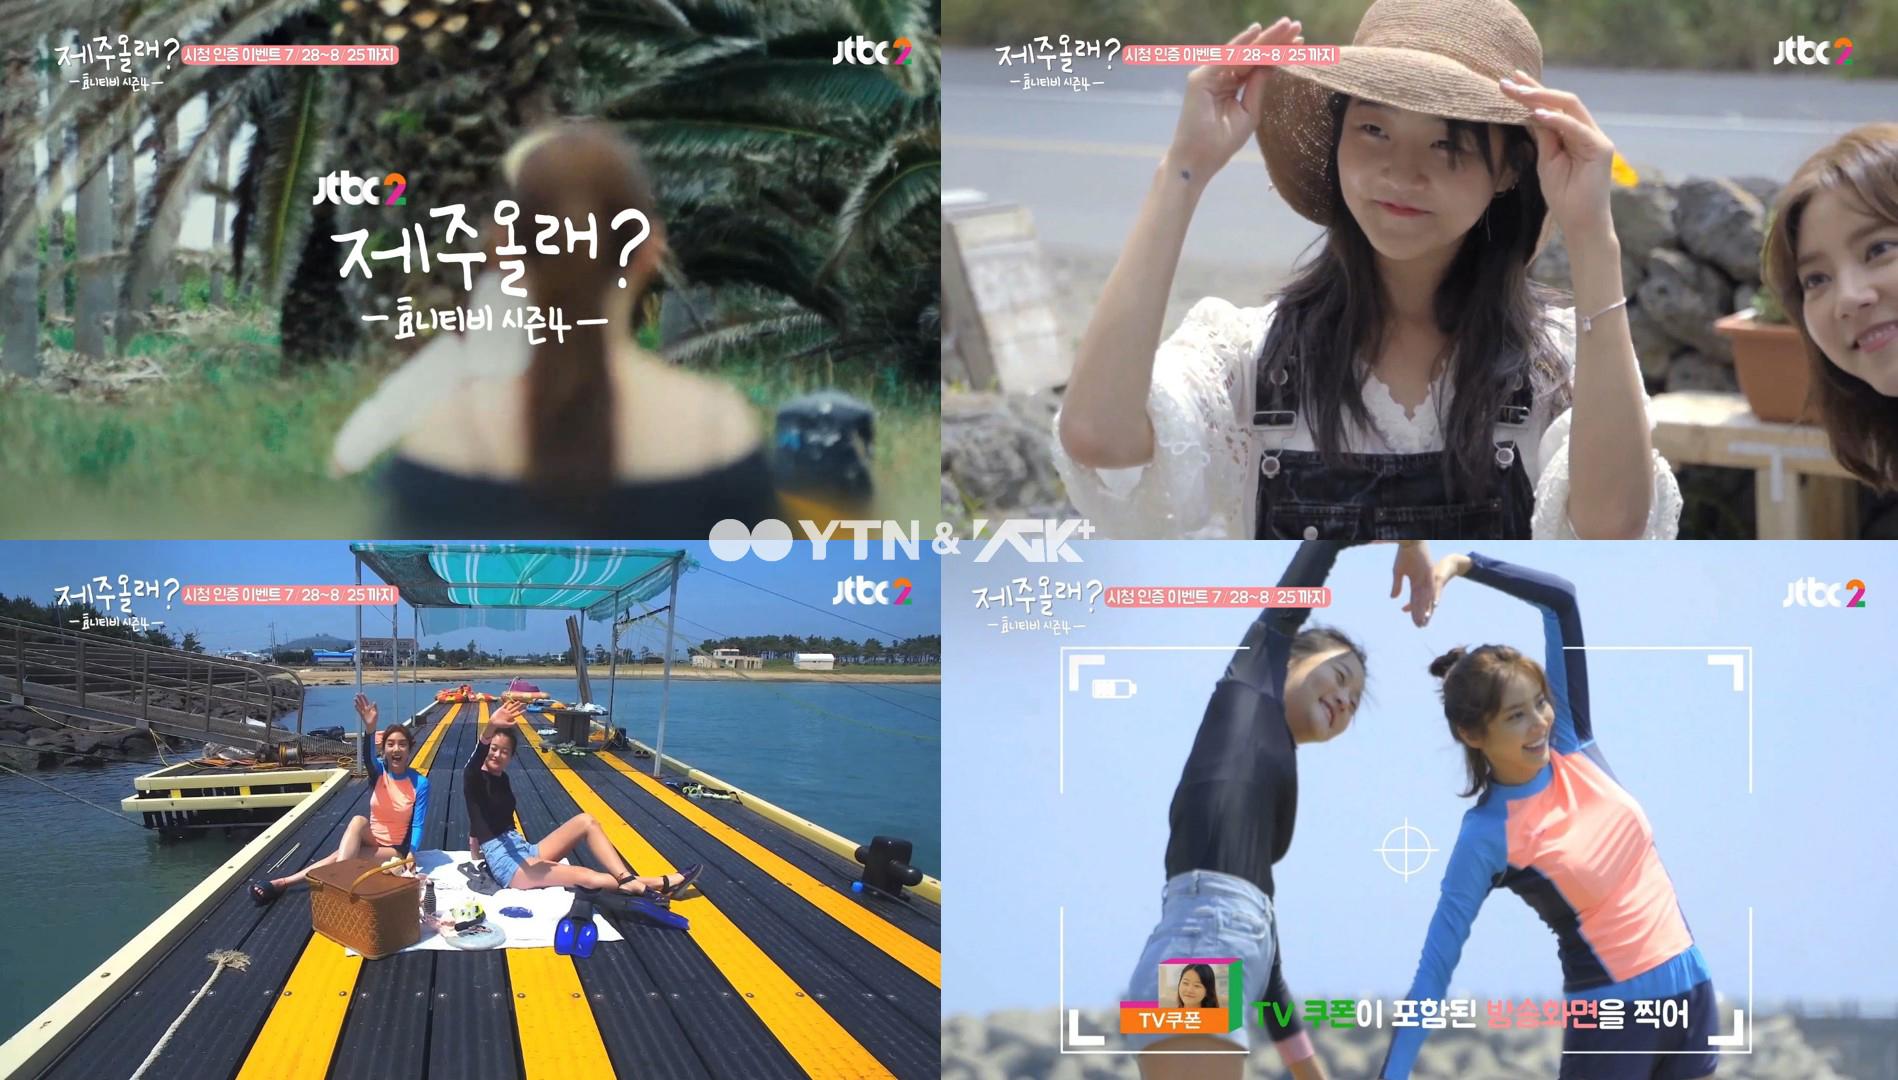 '효니TV 시즌4-제주올래?' JTBC2 통해 화려한 첫 방송!